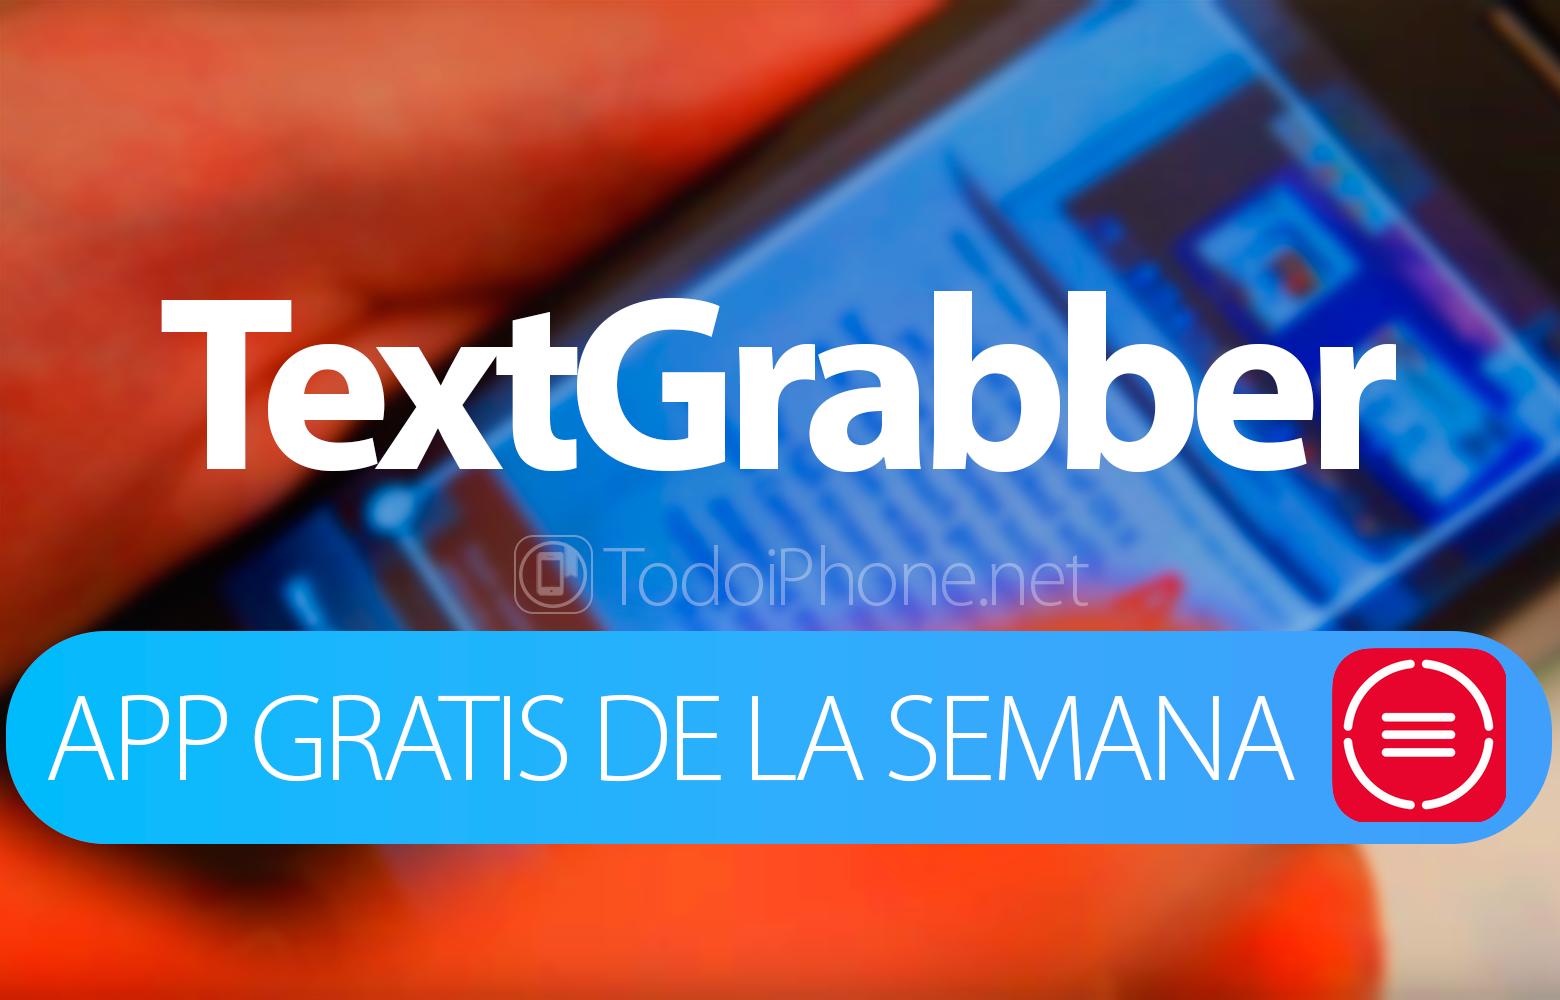 TextGrabber - Ứng dụng iTunes tuần này 9